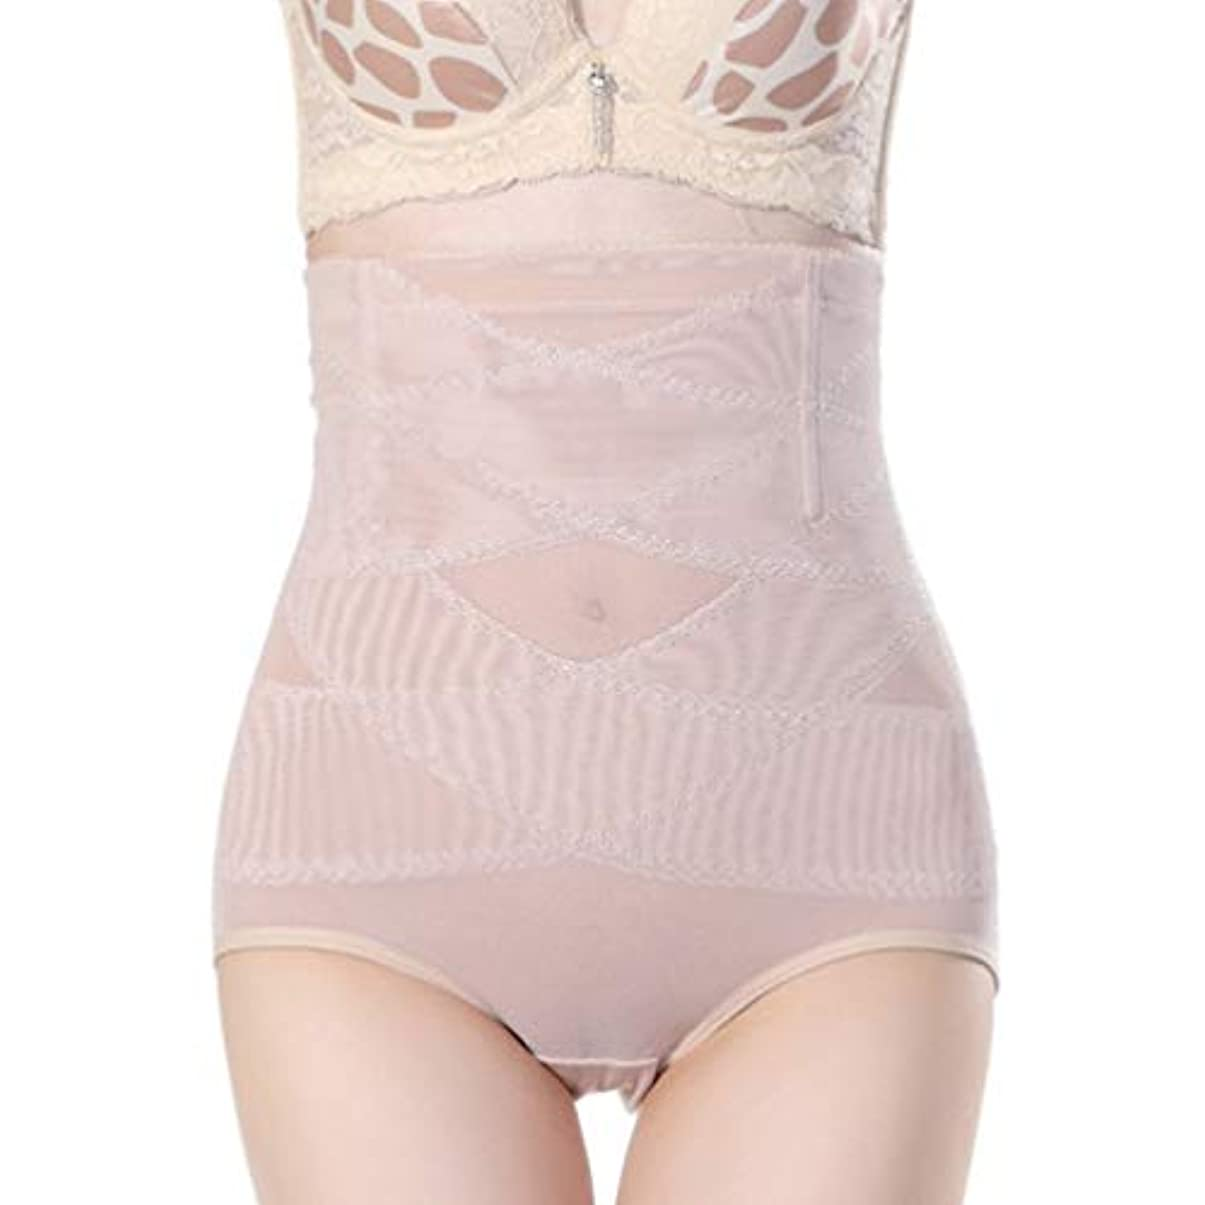 統合なめる陰気腹部制御下着シームレスおなかコントロールパンティーバットリフターボディシェイパーを痩身通気性のハイウエストの女性 - 肌色3 XL